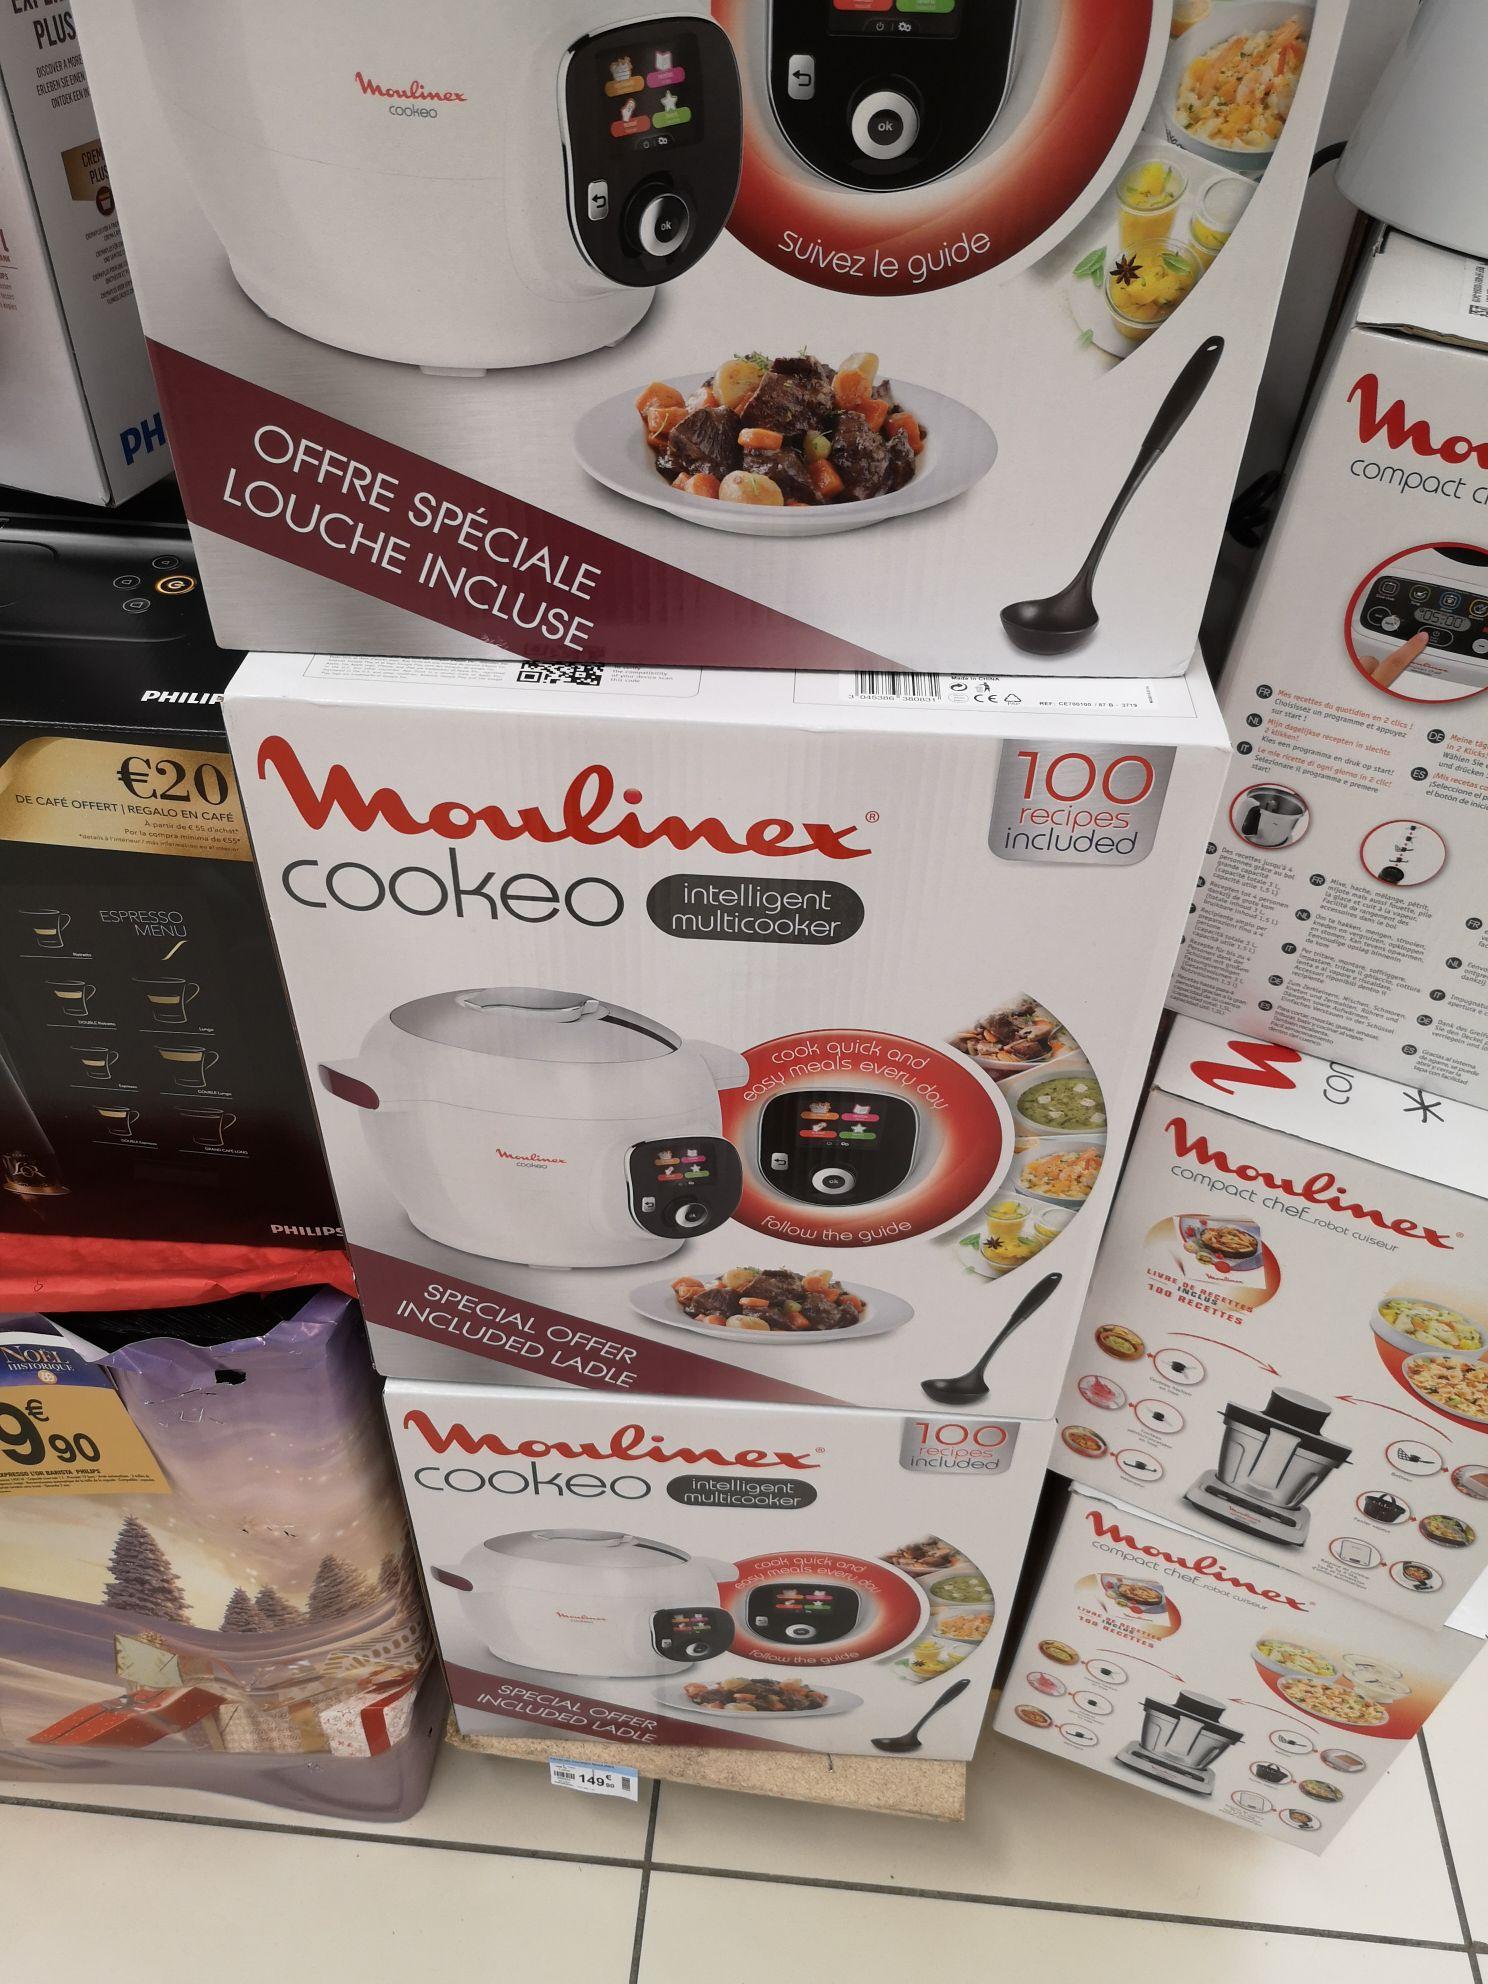 Multicuiseur Moulinex Cookeo CE700100 (100 recettes) - Montréal-la-Cluse (01)